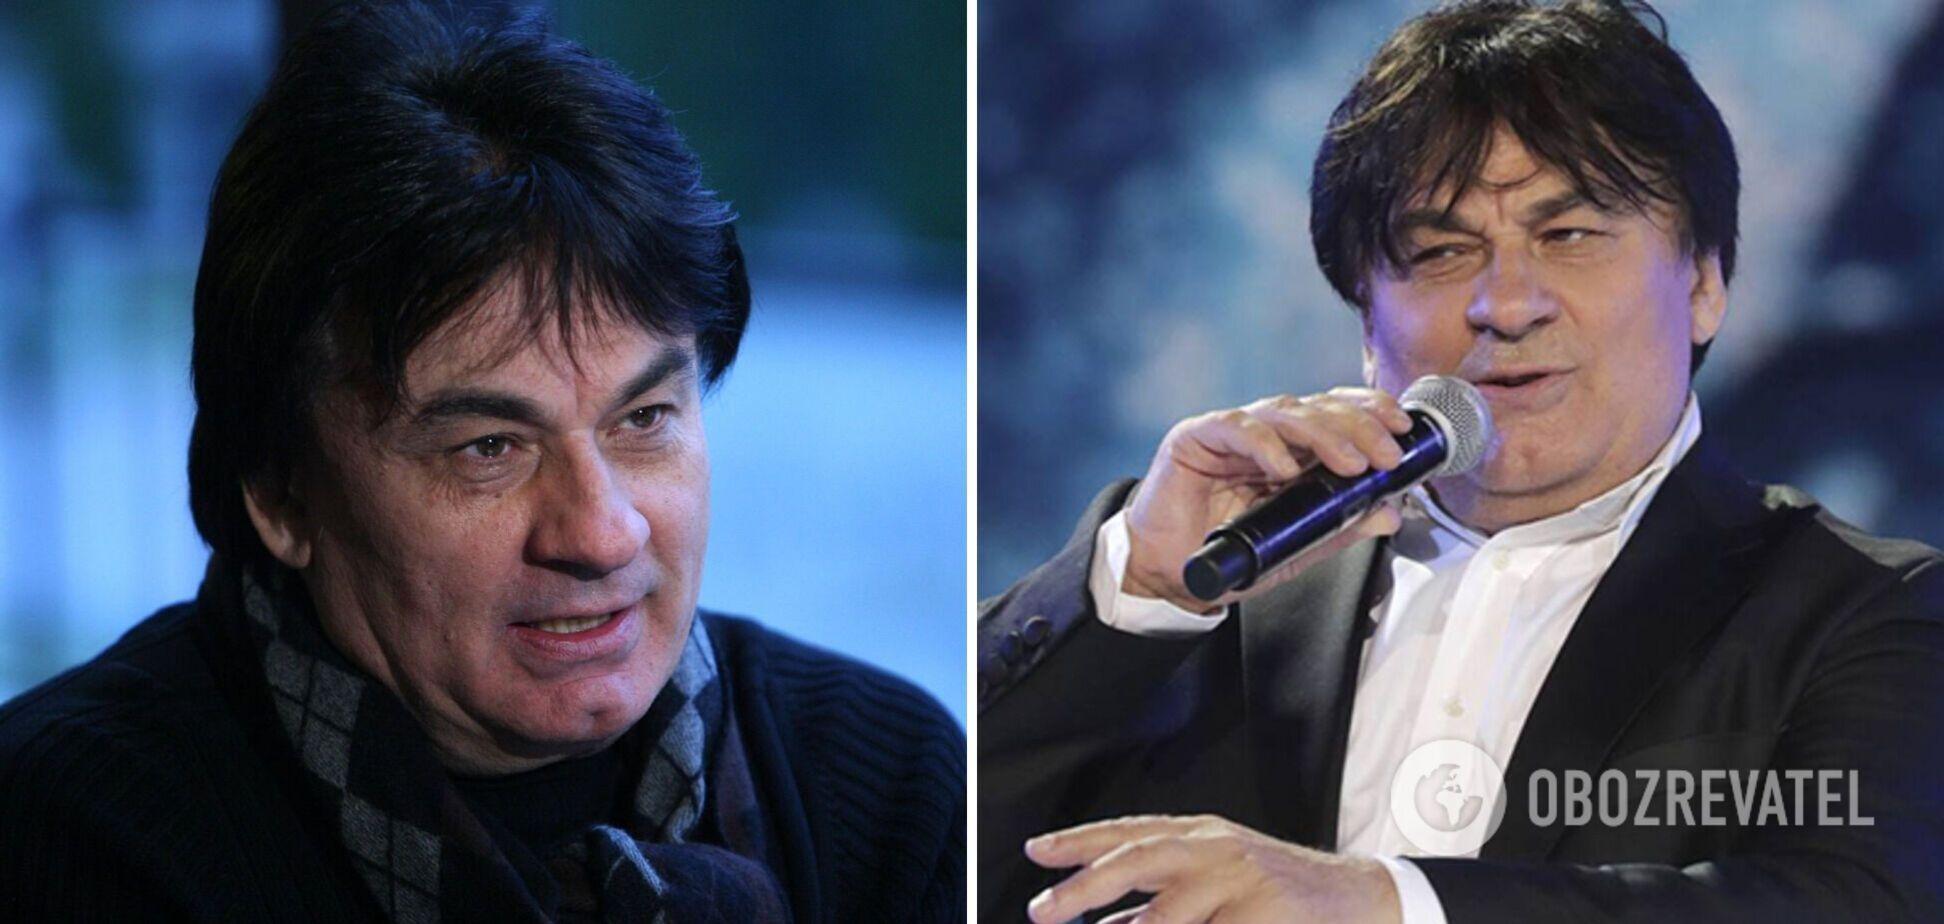 Лікарі не дають прогнозів: стан відомого російського співака різко погіршився